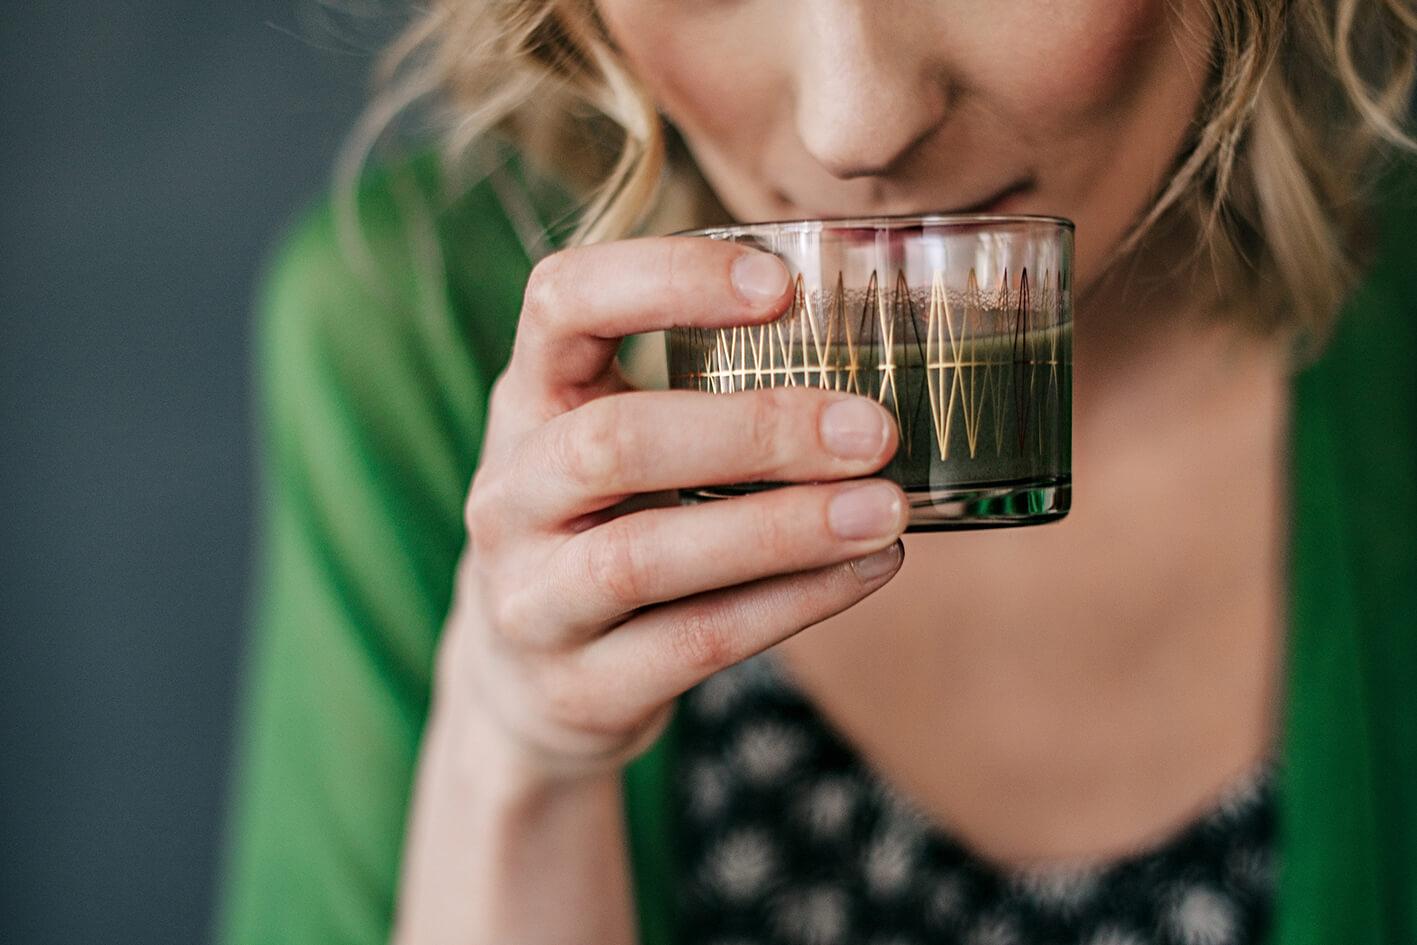 Frau hält Glas mit grünem Getränk.